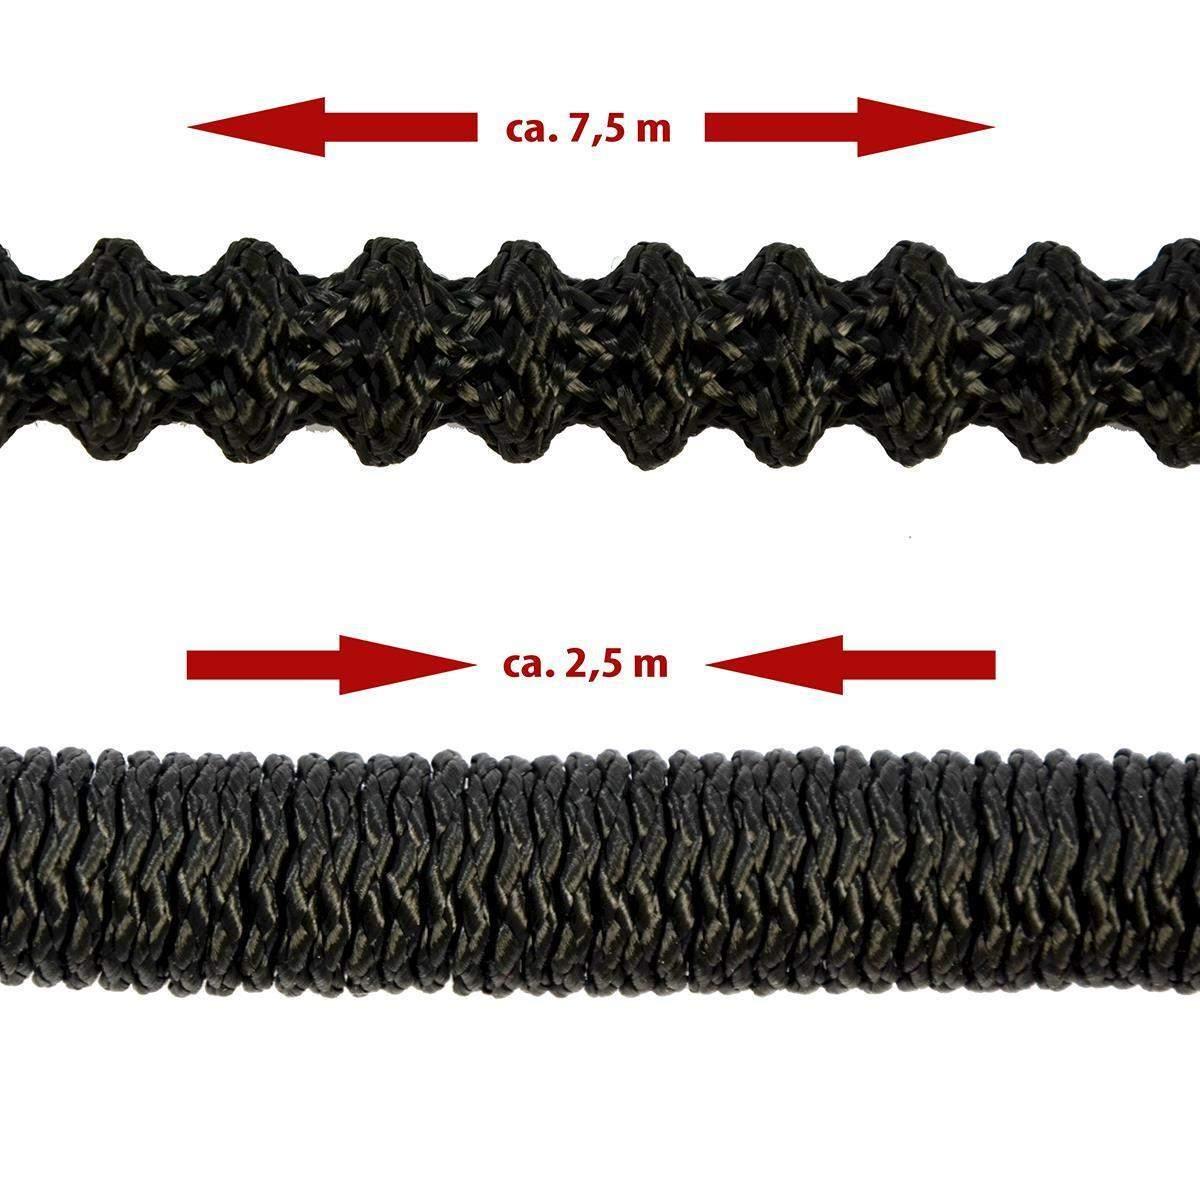 dehnbarer gartenschlauch mit brause 2 5m 7 5m flexibler wasserschlauch a1569f8104f6